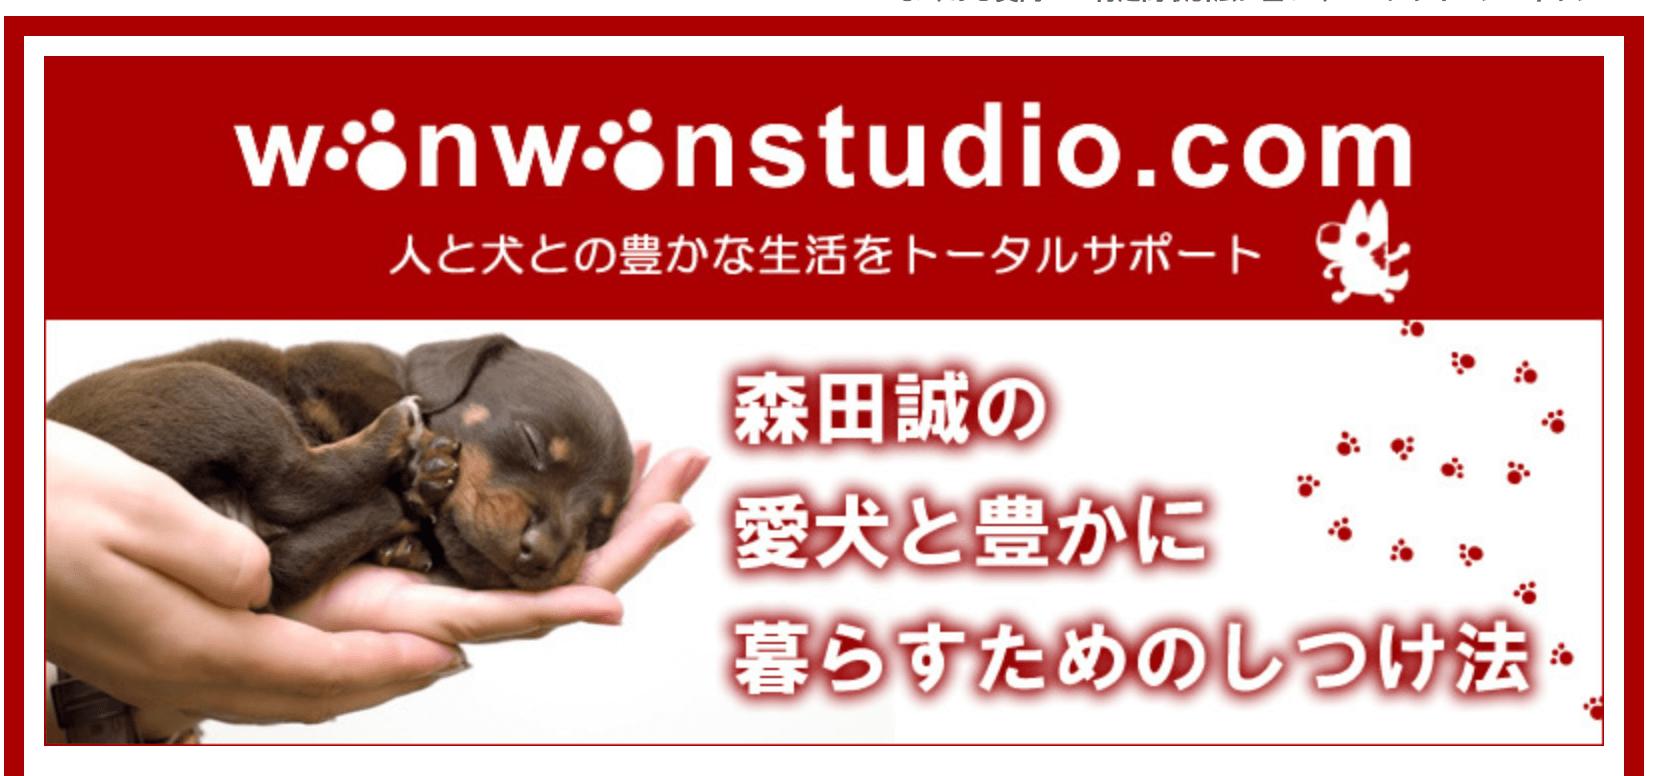 「森田誠の愛犬と豊かに暮らすためのしつけ法」 DVD 2枚セット 豪華特典付き評価レビュー